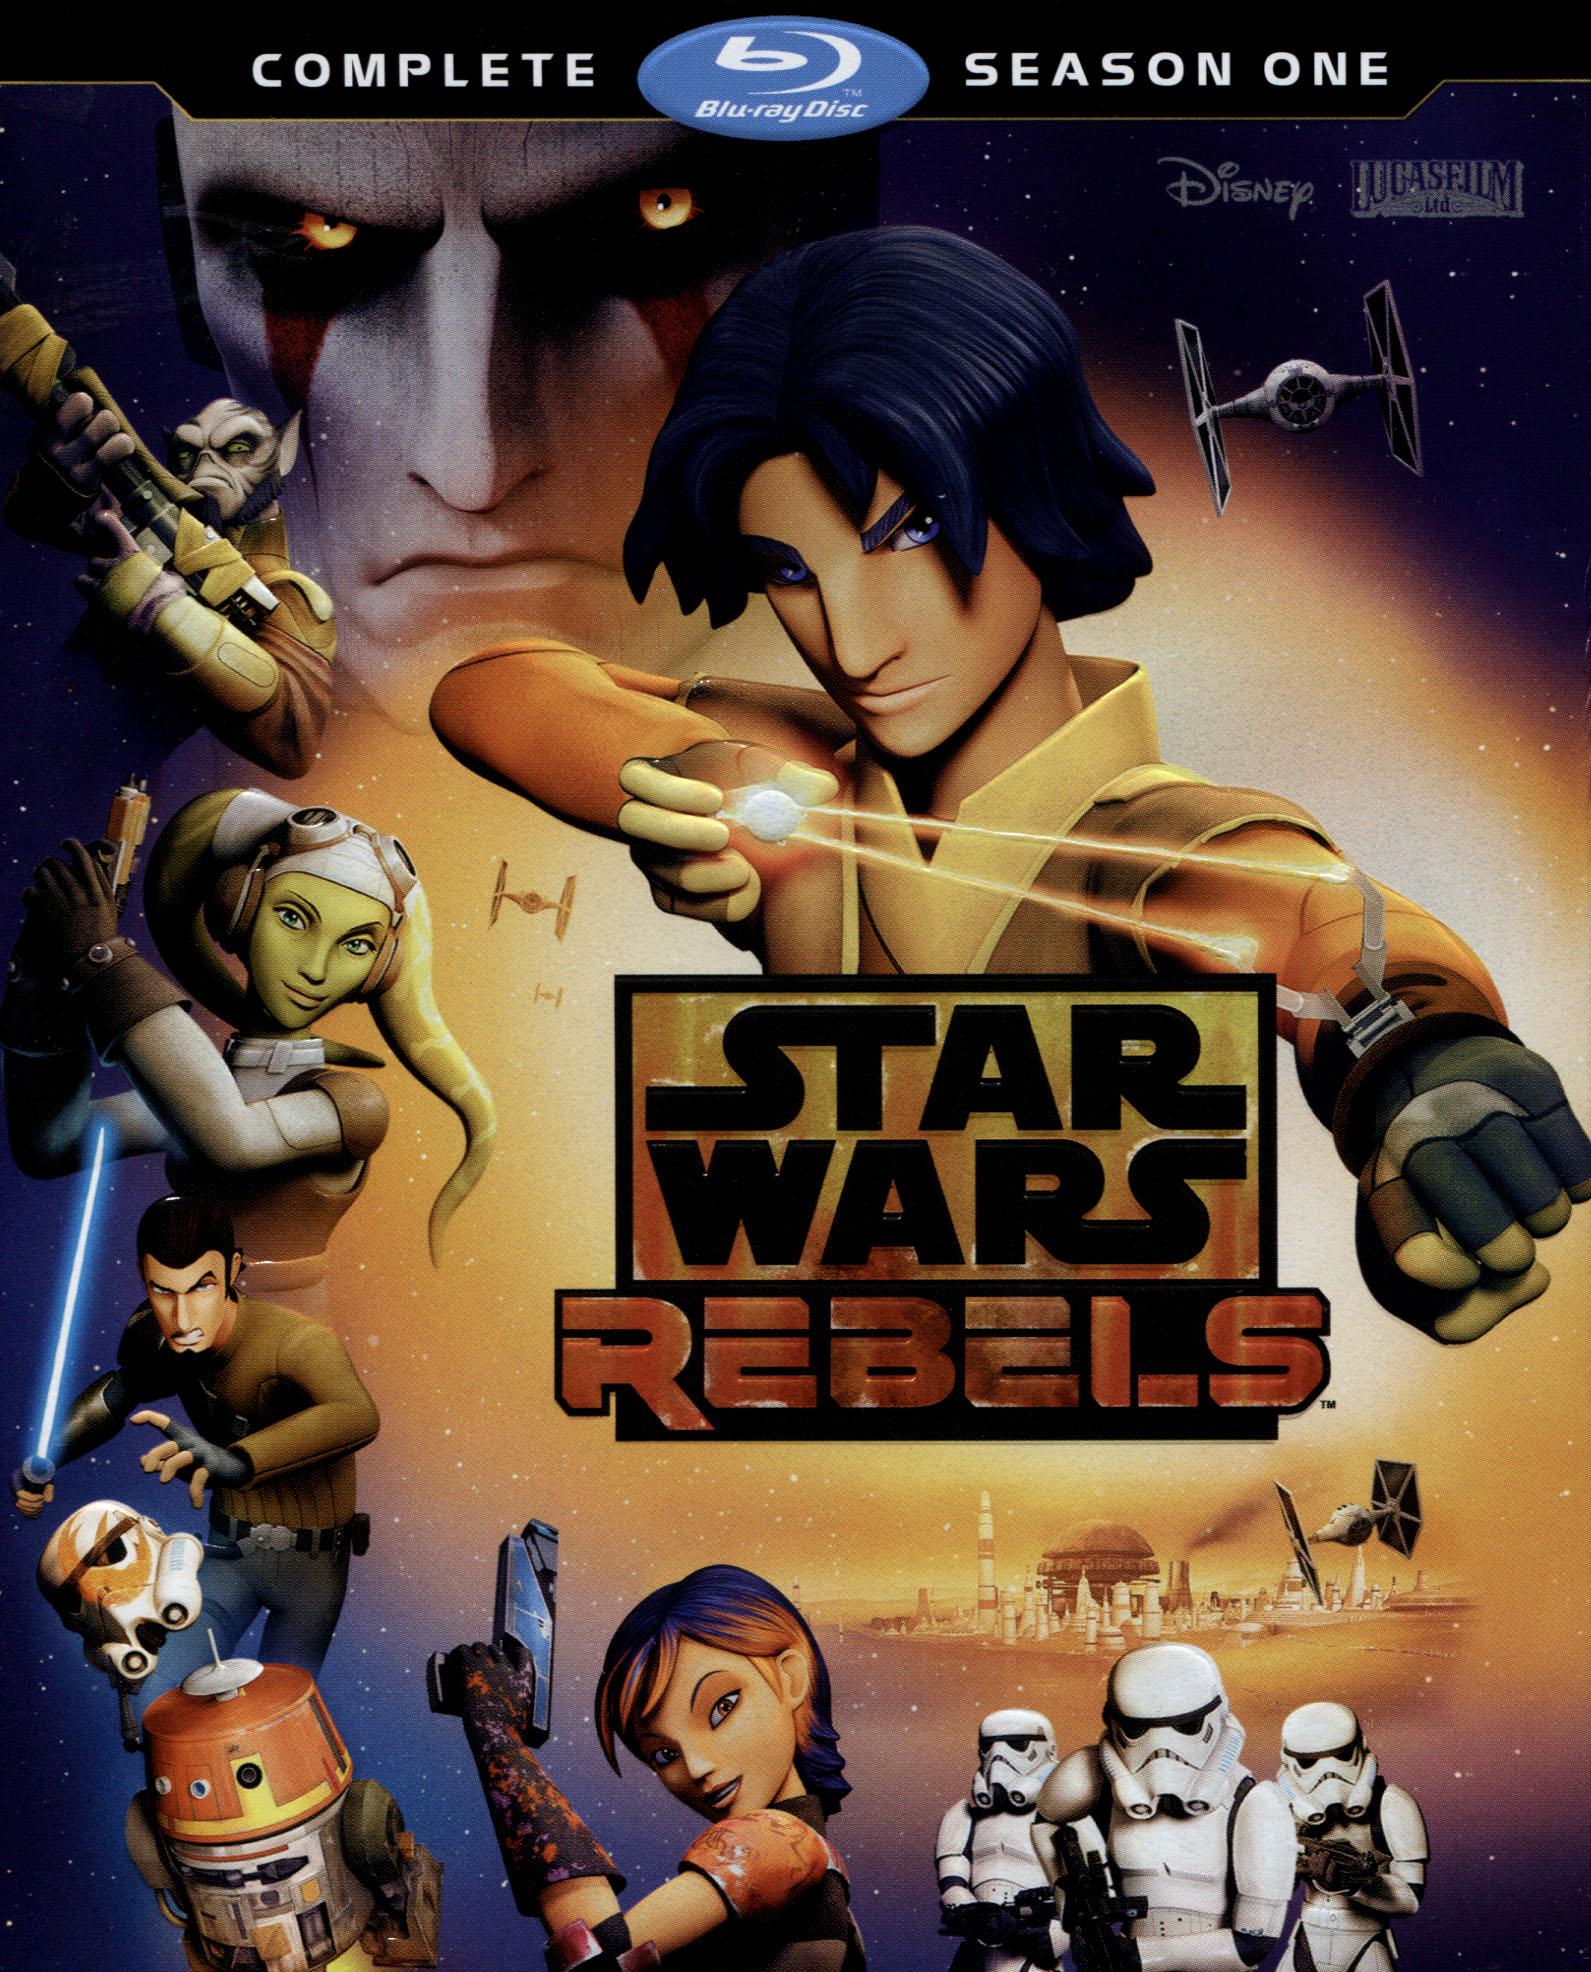 Star Wars Rebels: Complete Season 1 [blu-ray] [2 Discs] 8239034